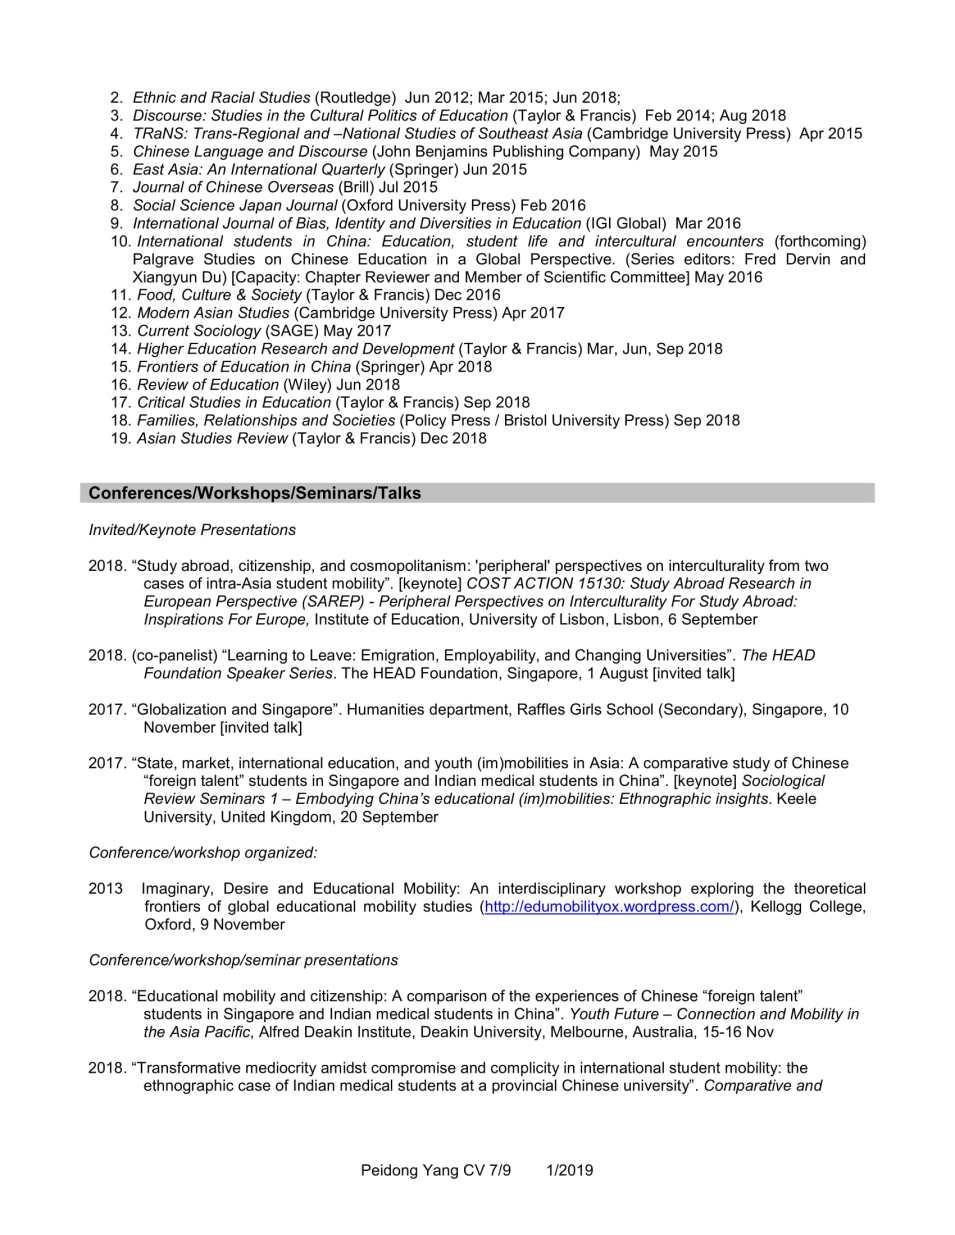 CV YANG Peidong_1.2019-7